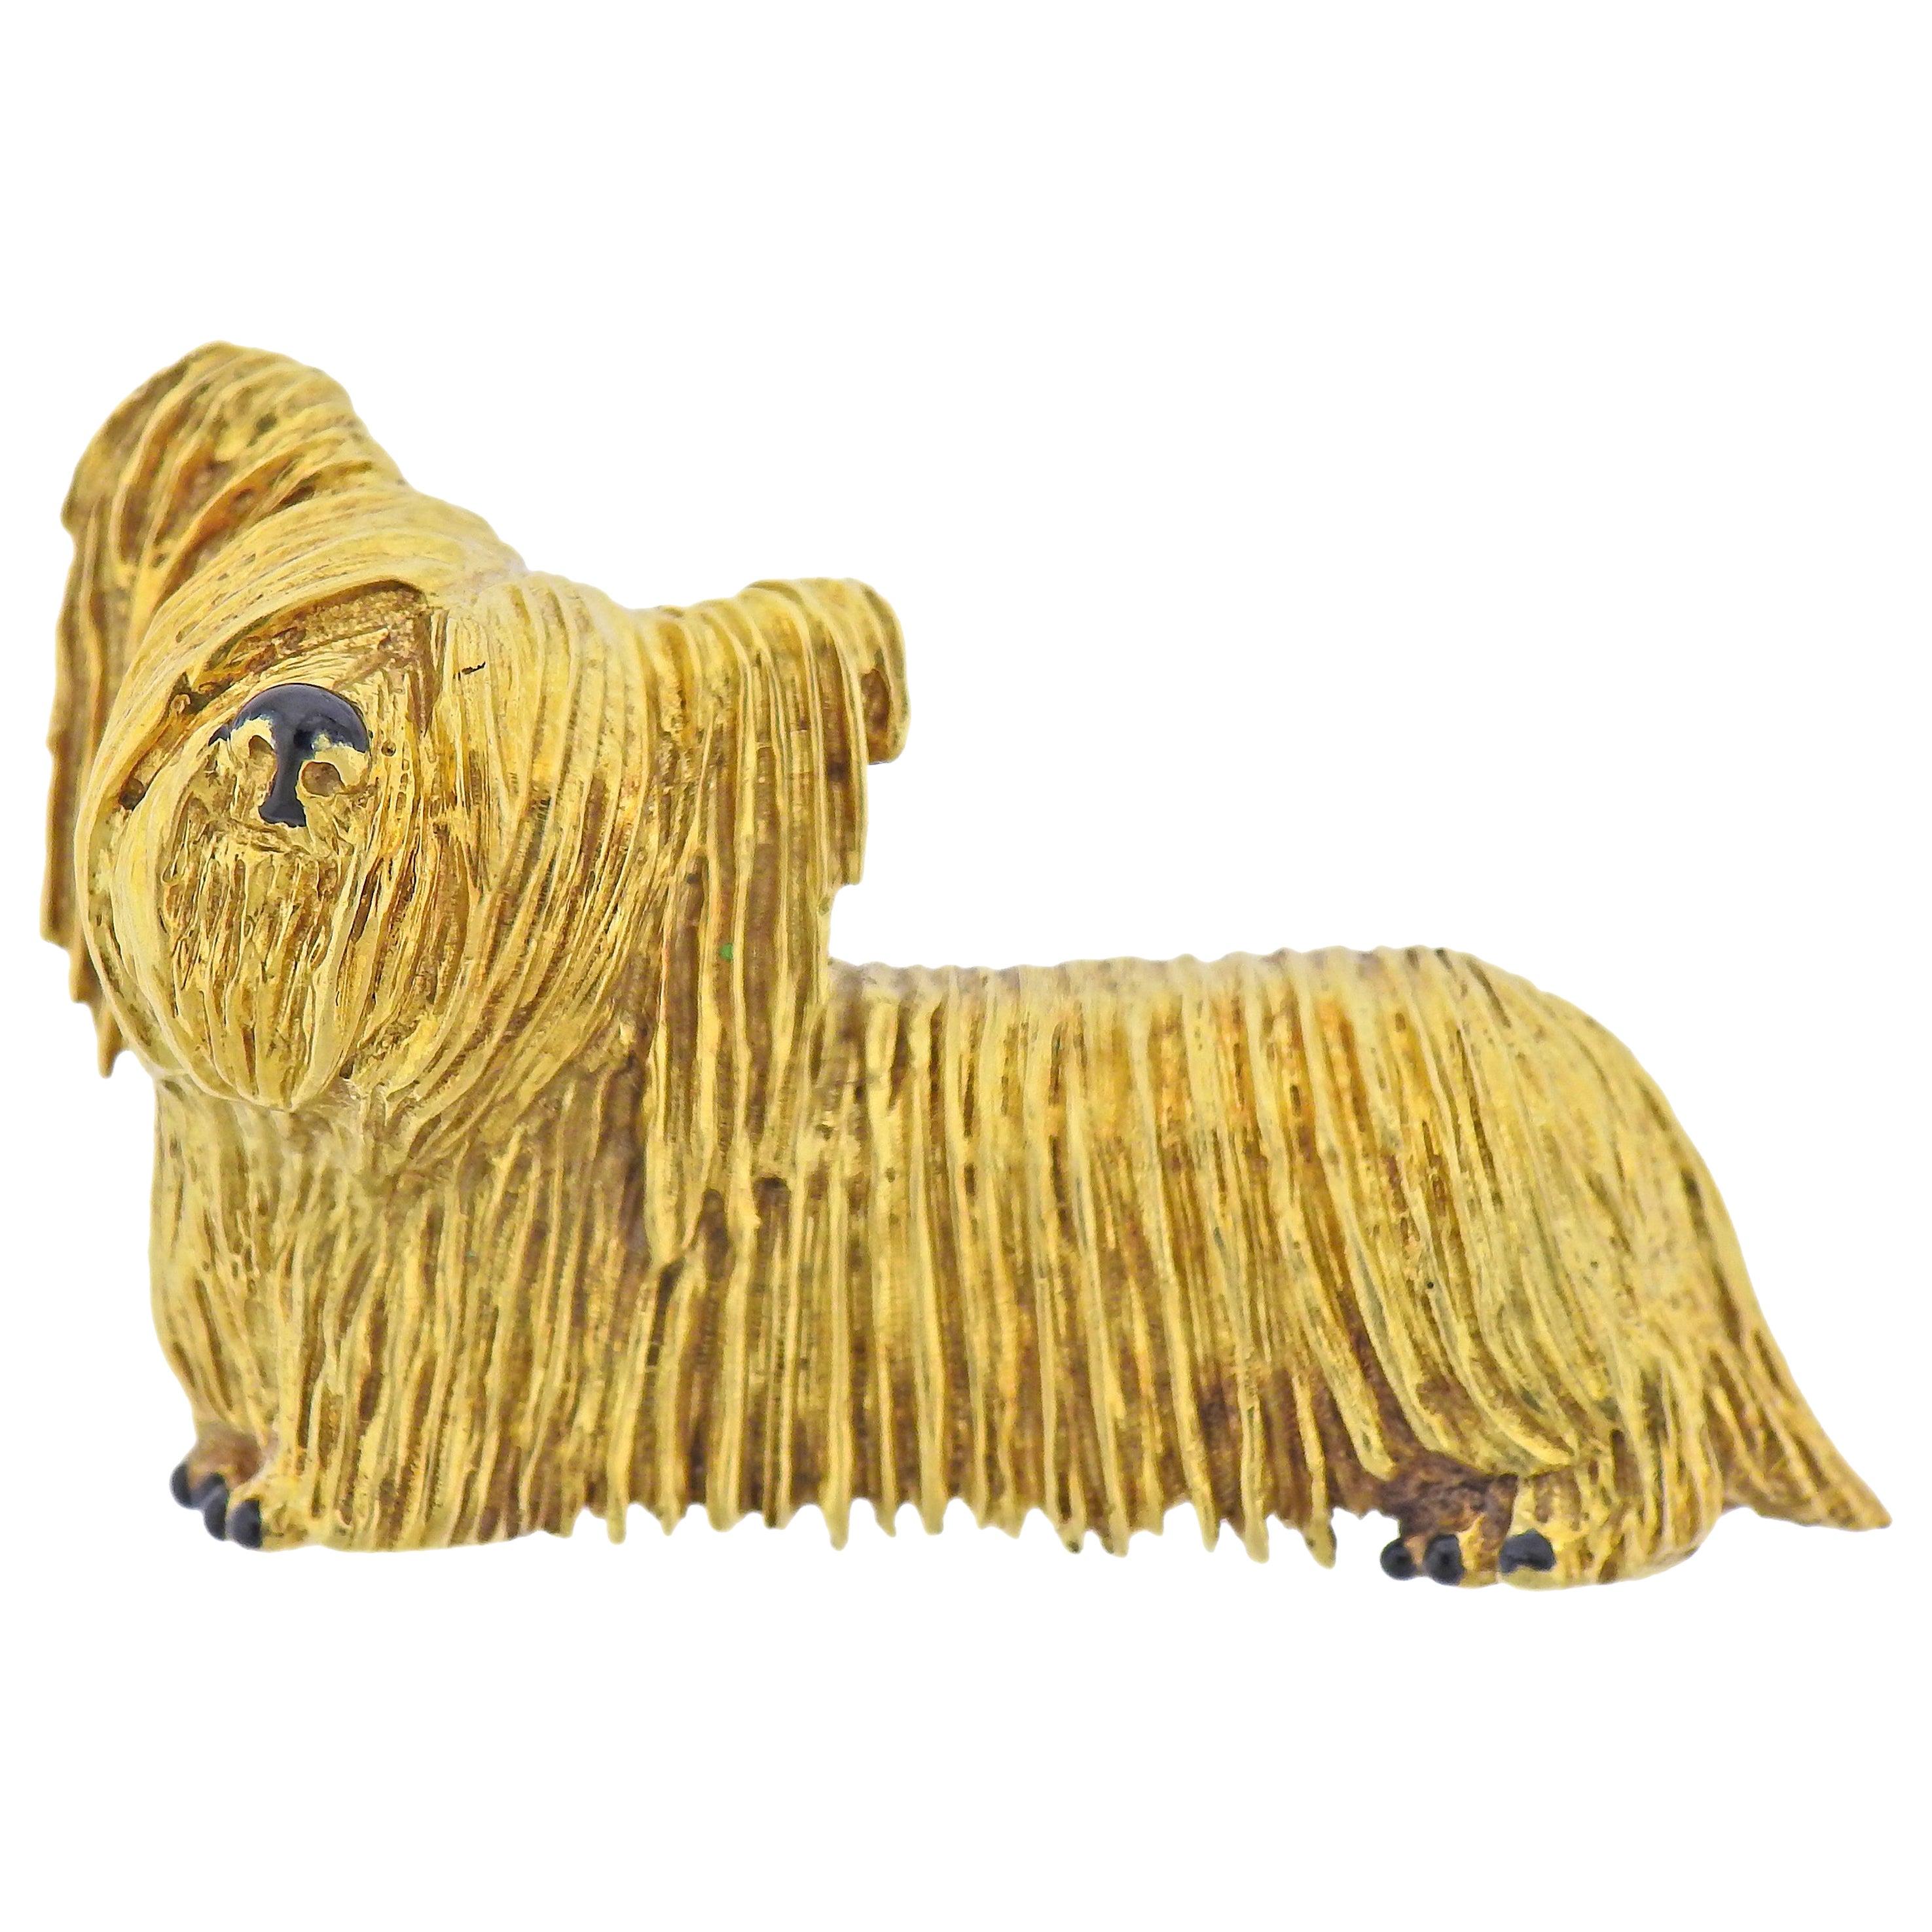 Tiffany & Co. Enamel Gold Westie Dog Brooch Pin